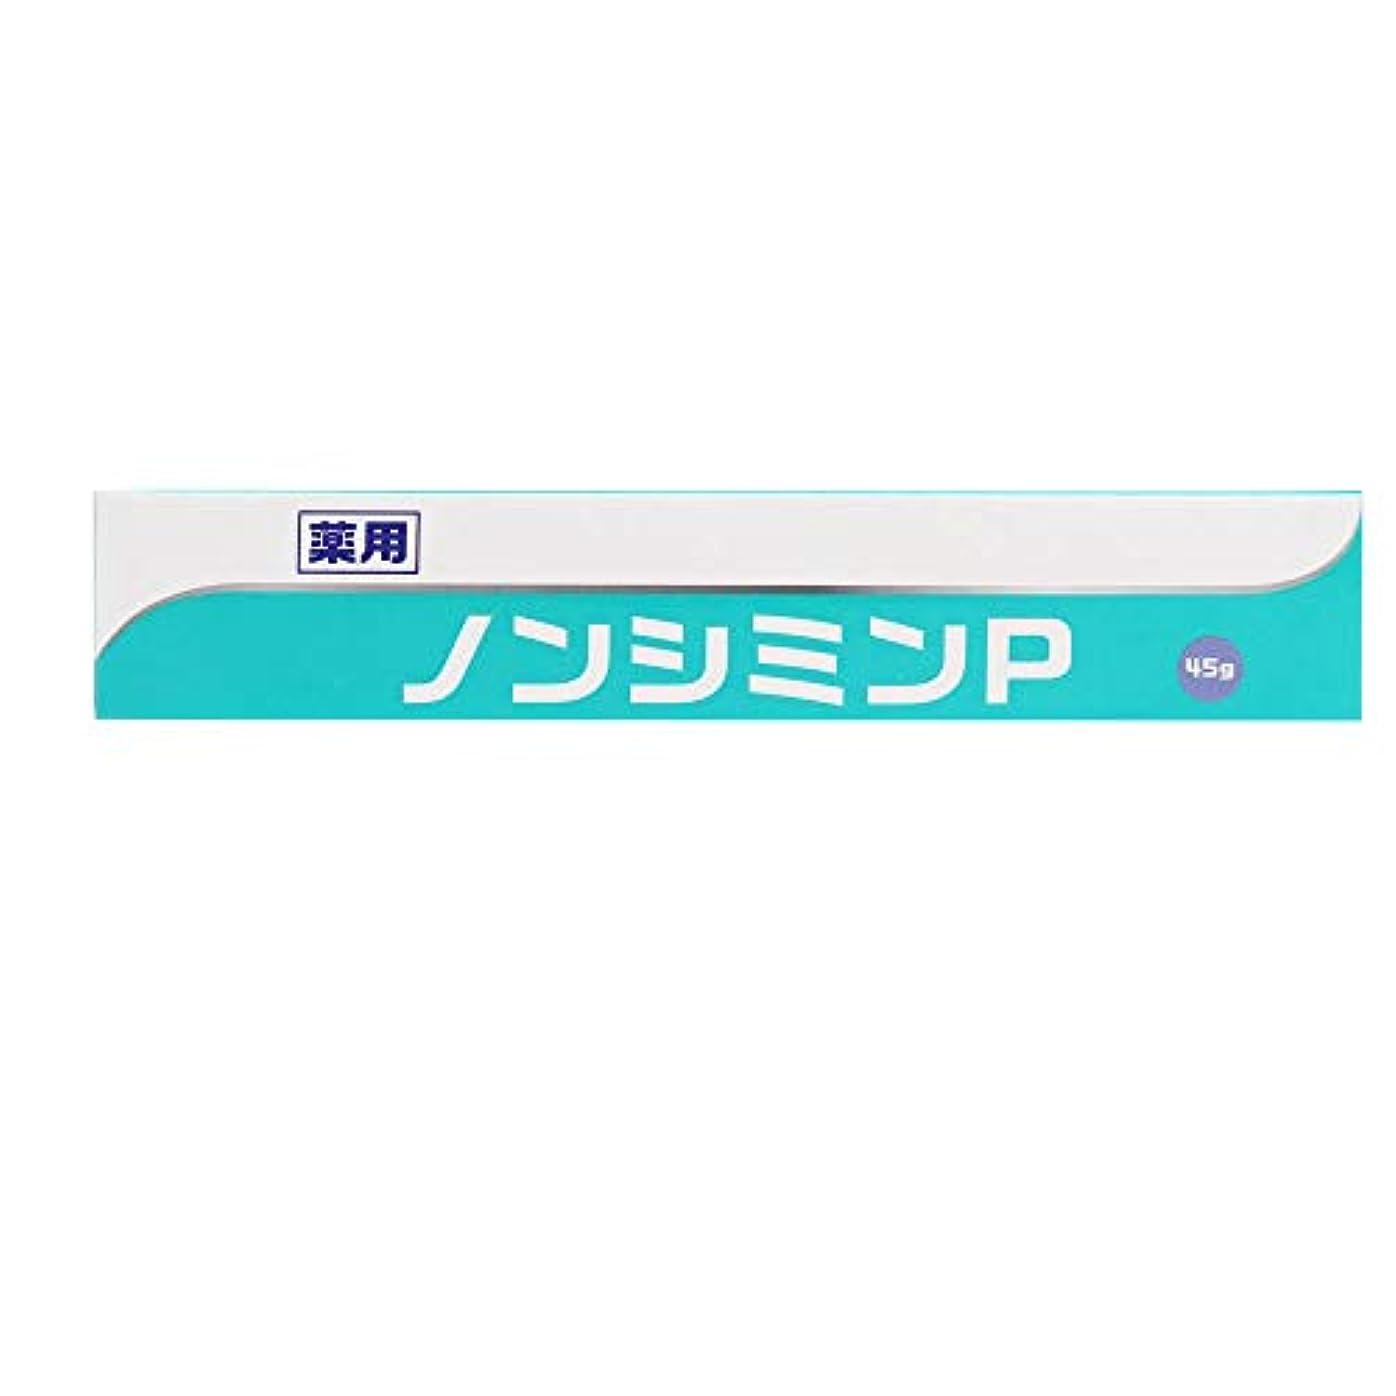 ドラッグ厚さみがきます薬用ノンシミンP 45g ジェルタイプ 医薬部外品